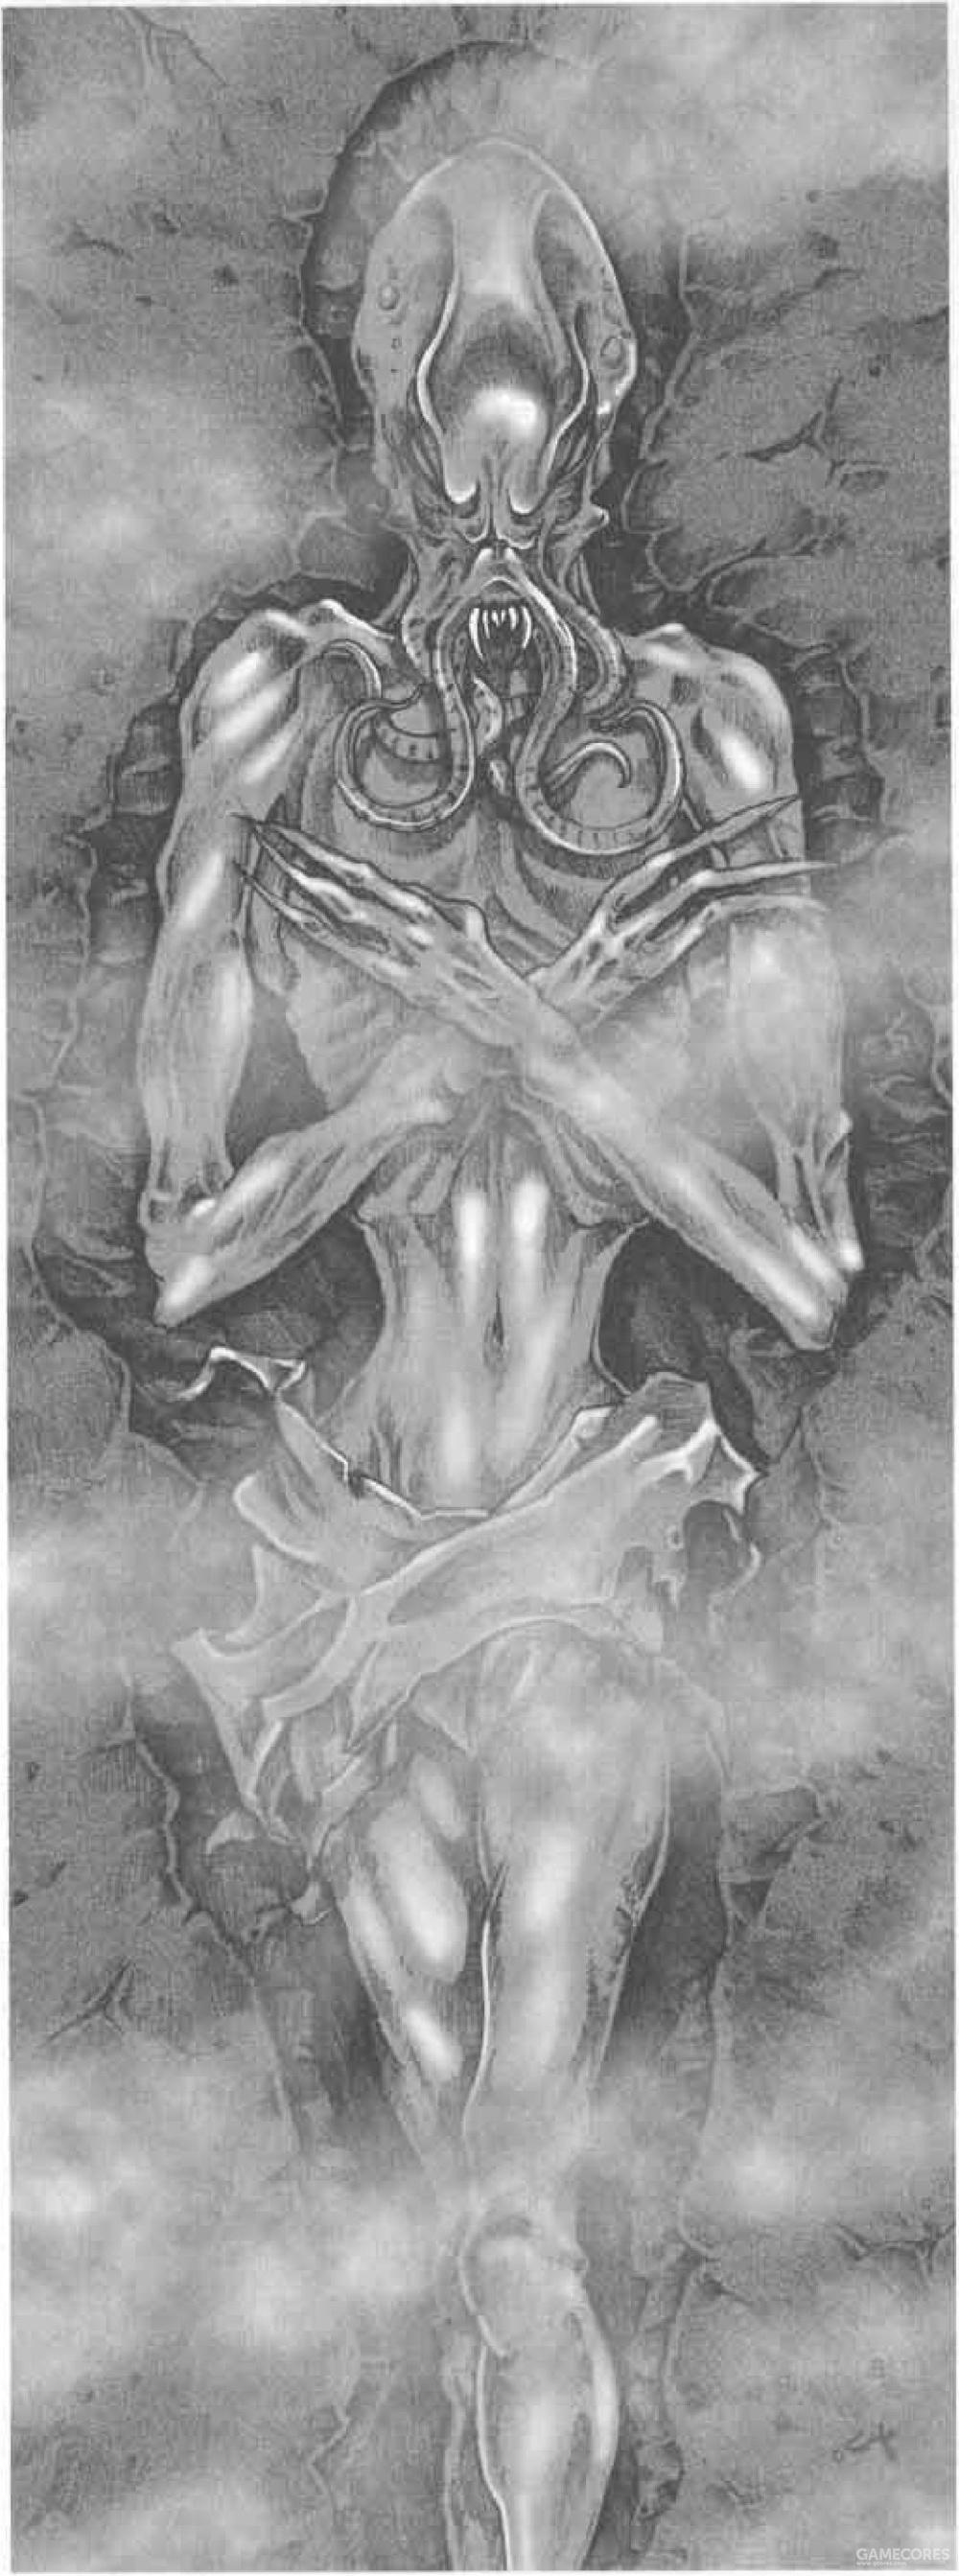 还处在干尸状态的吸血鬼夺心魔